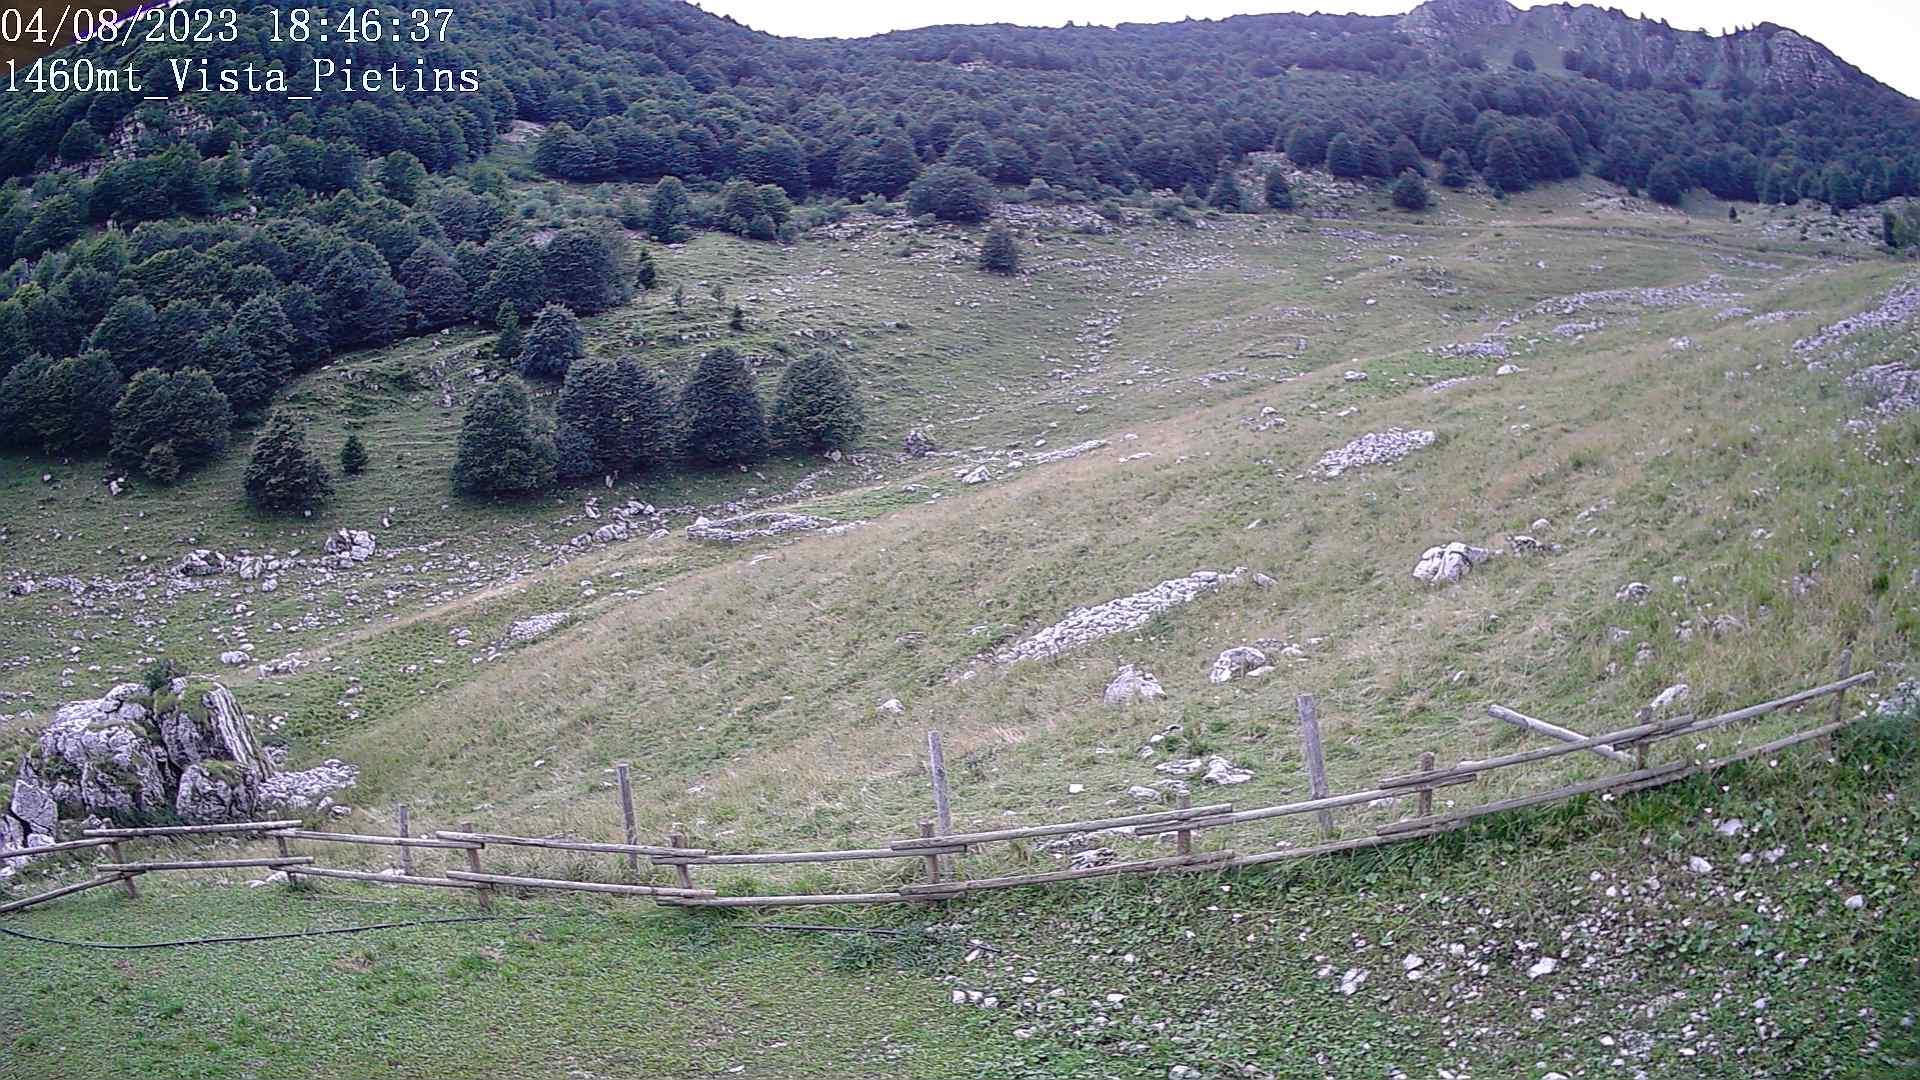 Webkamera Budoia › North-West: Monte Pietins da Casera Campo